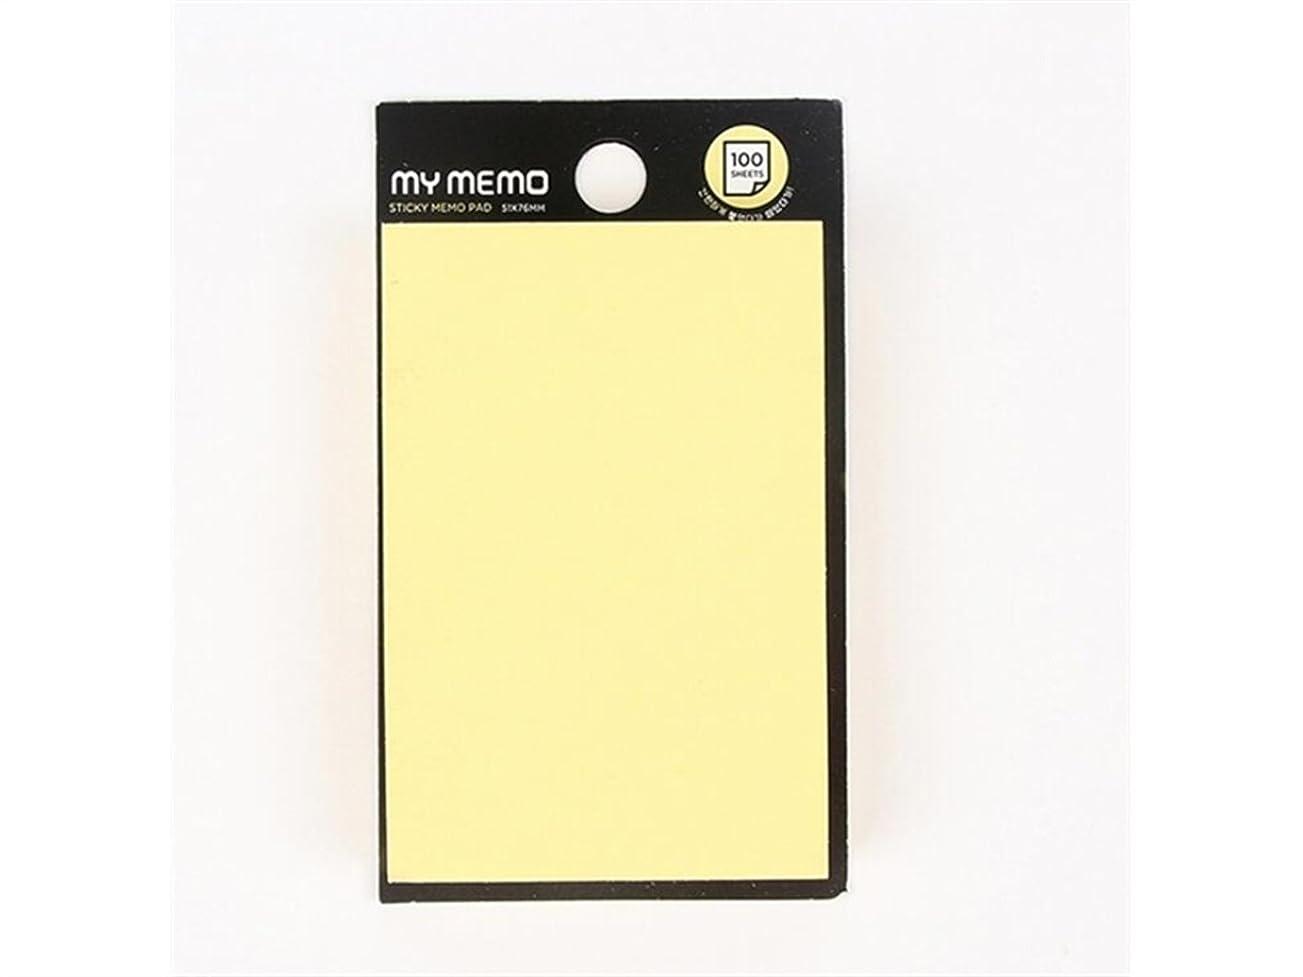 しわブラケット対処FenBuGu-JP 学生教師 分類のためのスクエアスティッキーノートピュアカラーメッセージメモ(イエロー) (色 : Yellow)